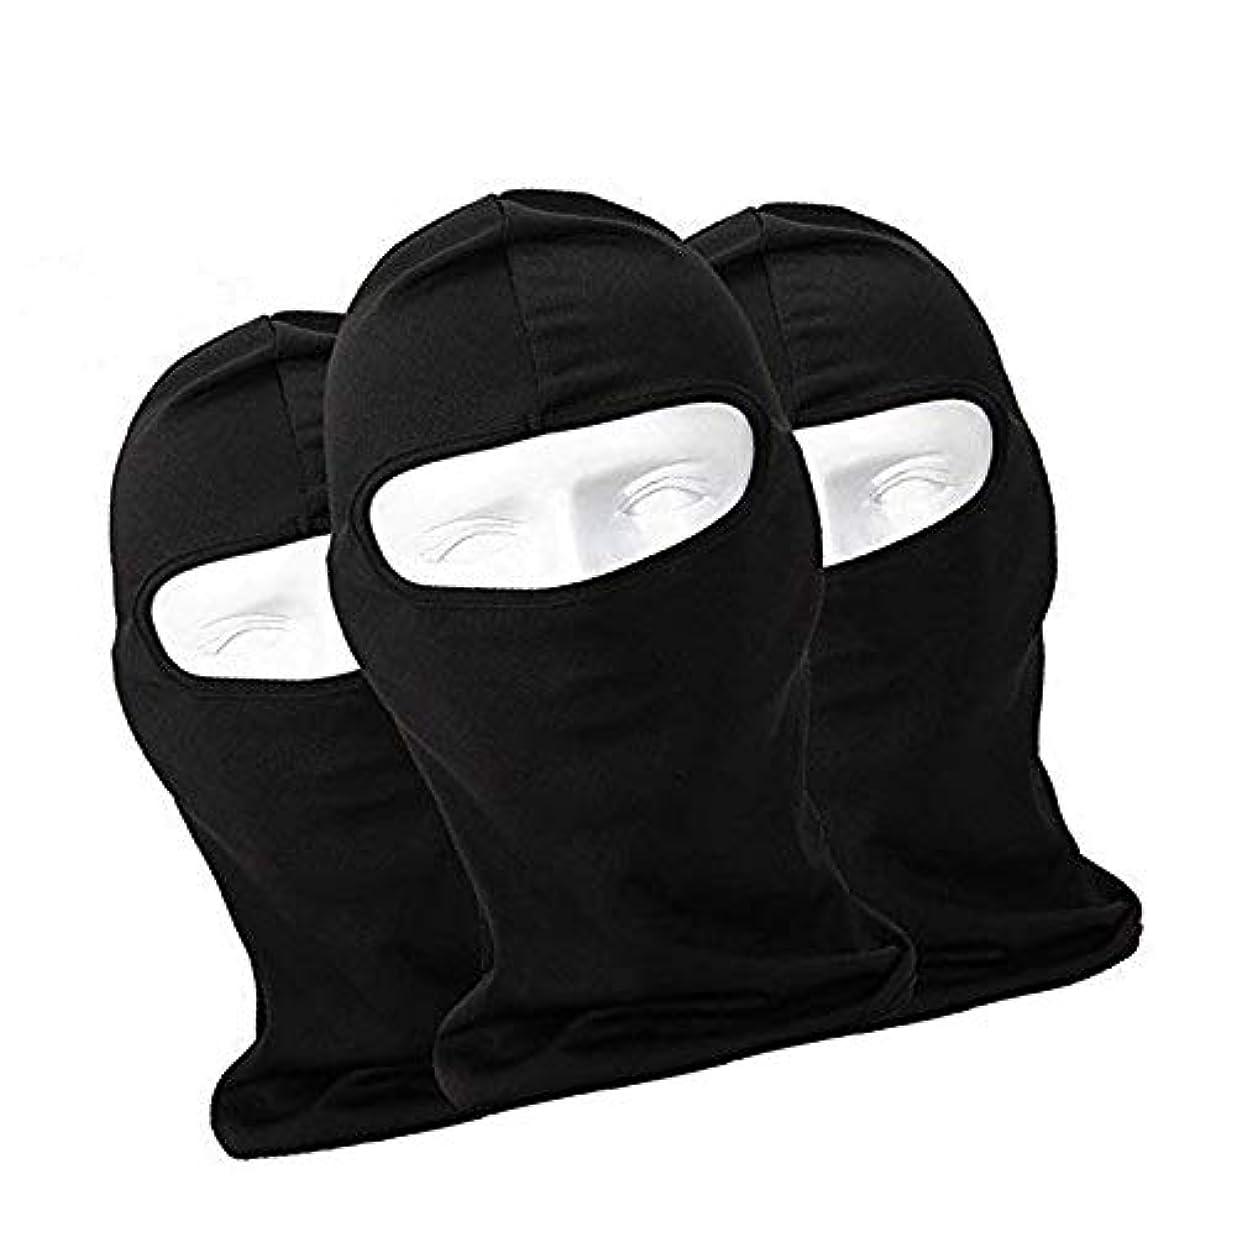 資格情報見捨てられたエンコミウムフェイスマスク 通気 速乾 ヘッドウェア ライクラ生地 目だし帽 バラクラバ 保温 UVカット,ブラック,3枚